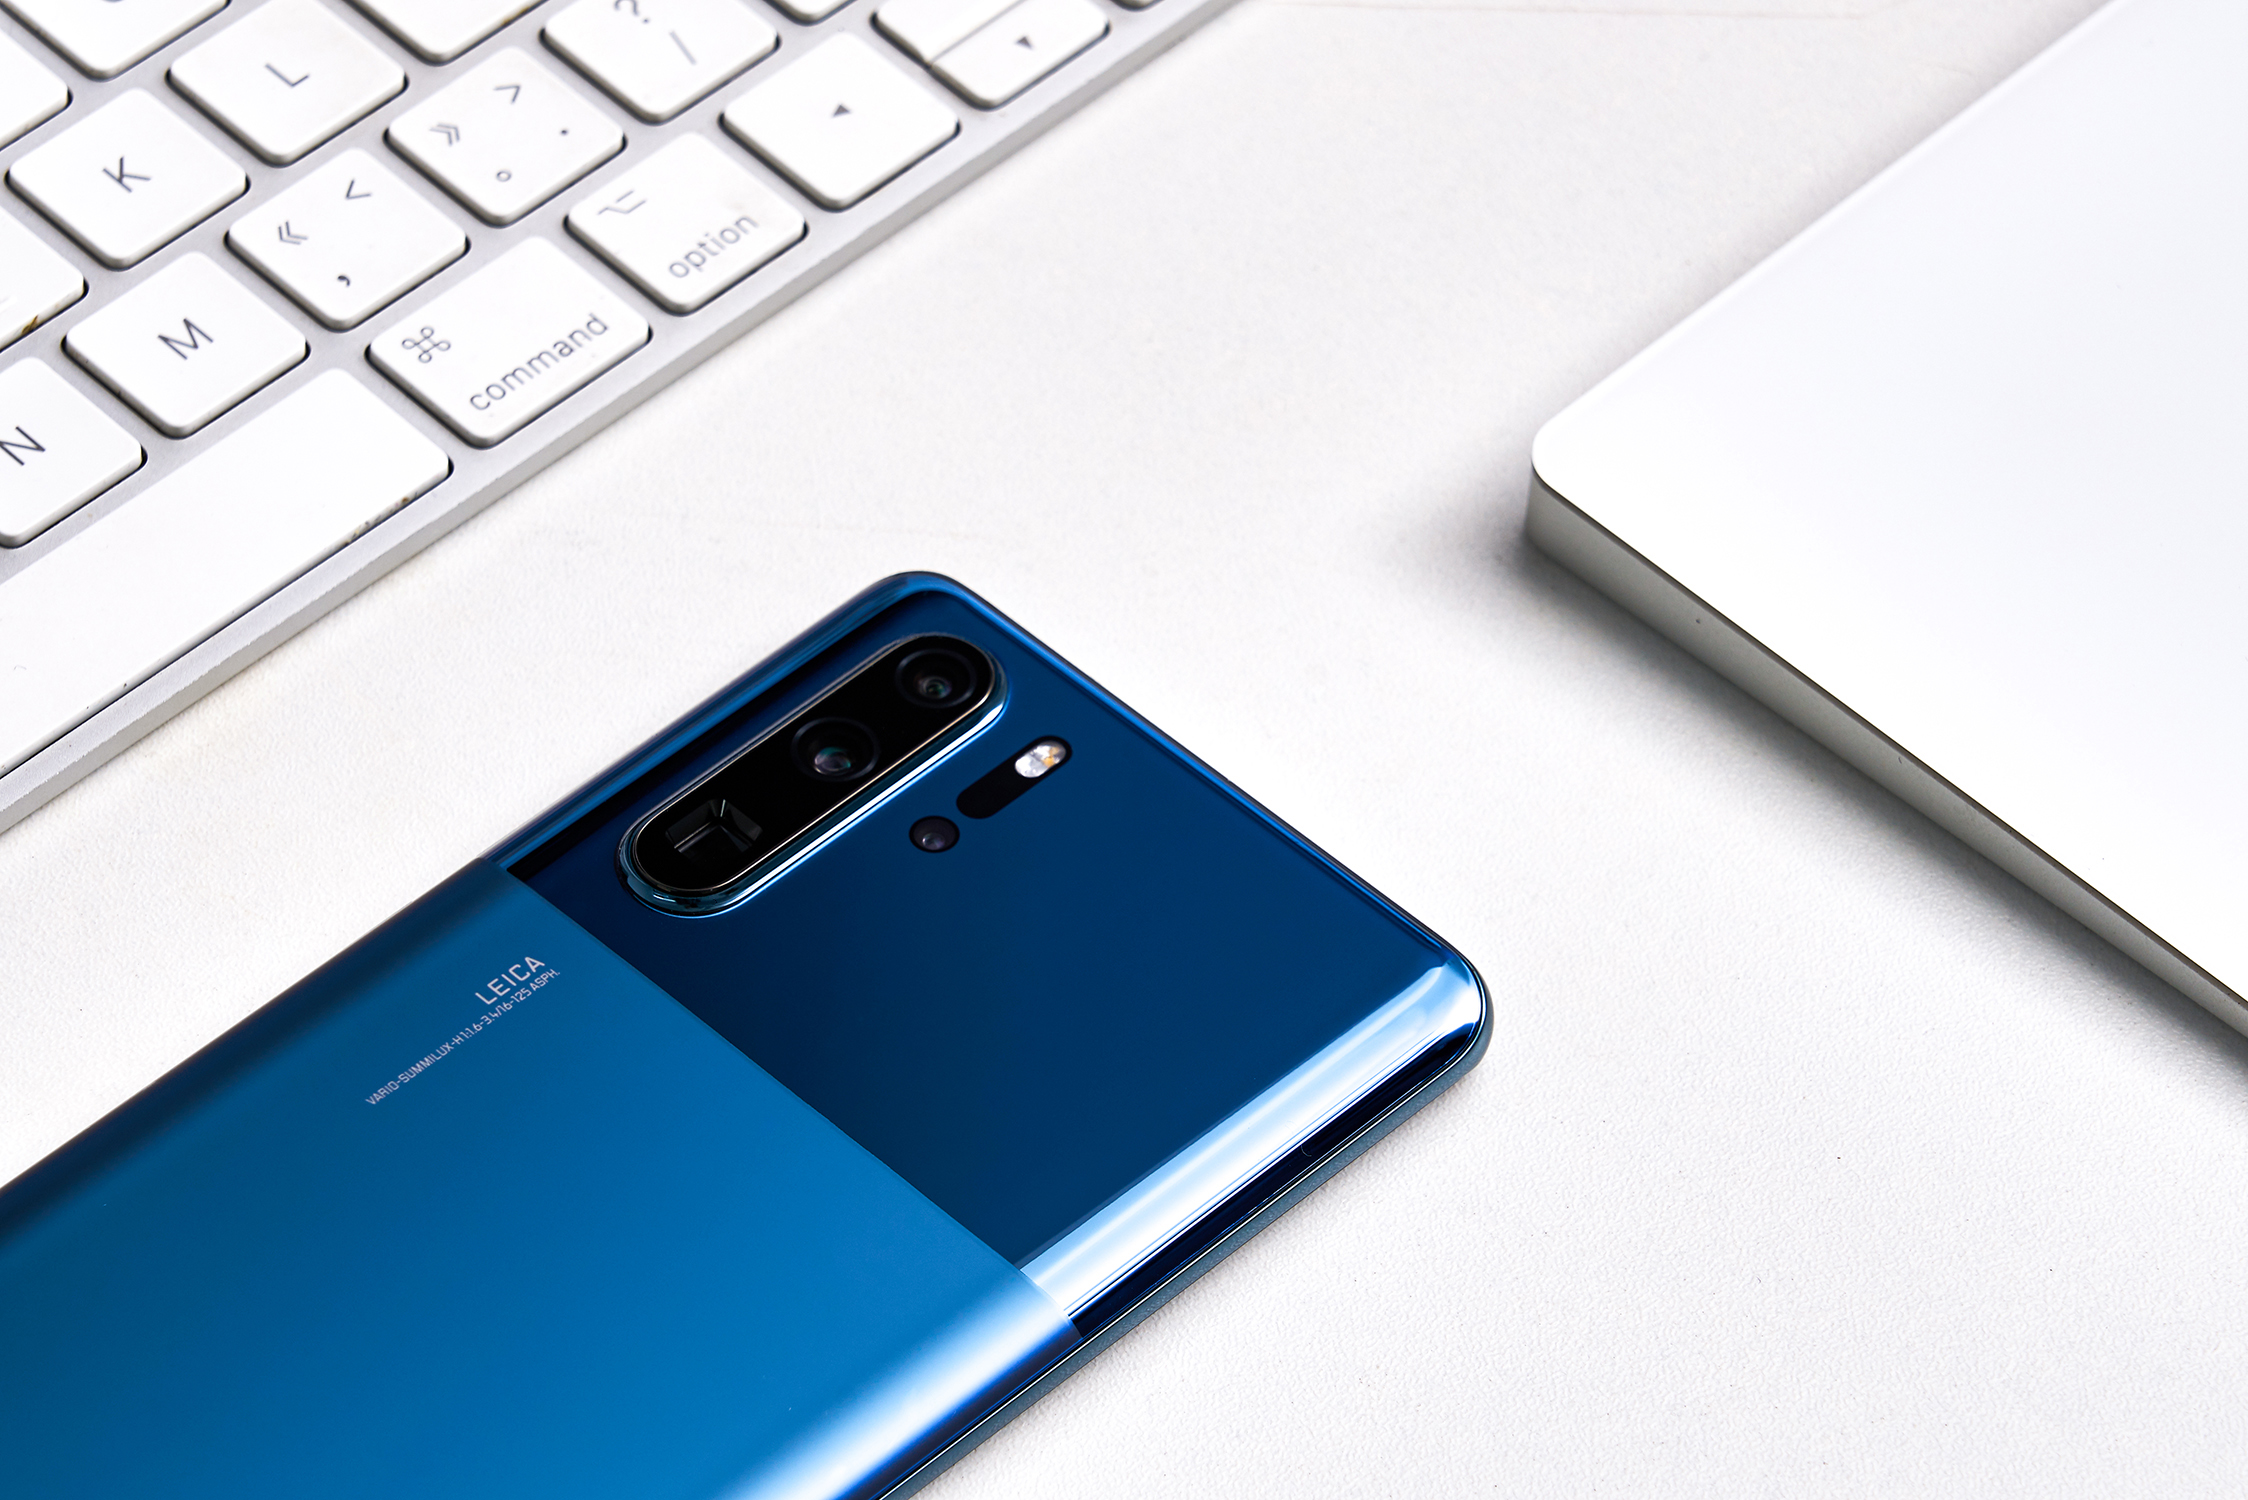 P30 Pro墨玉蓝图赏:拼接设计,率先支持EMUI10的照片 - 3